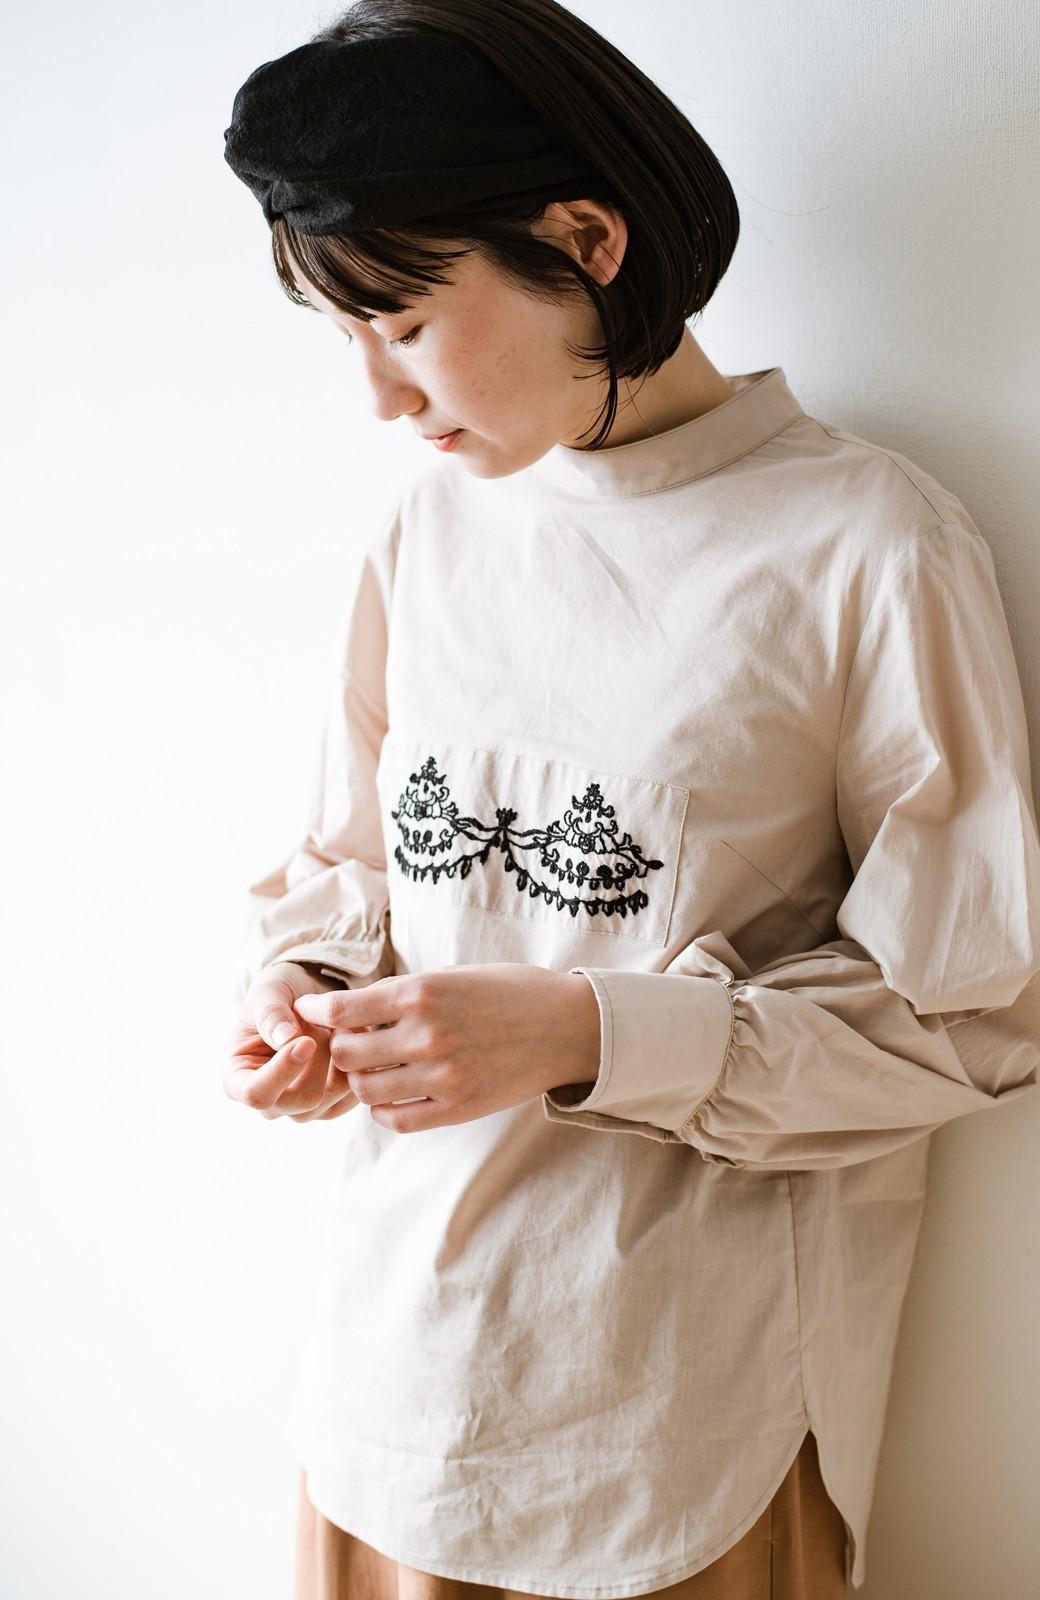 haco! 上品な刺繍がまるでレースのよう オーガニックコットンの袖ぽんわりブラウス from Stitch by Stitch <ライトベージュ>の商品写真12